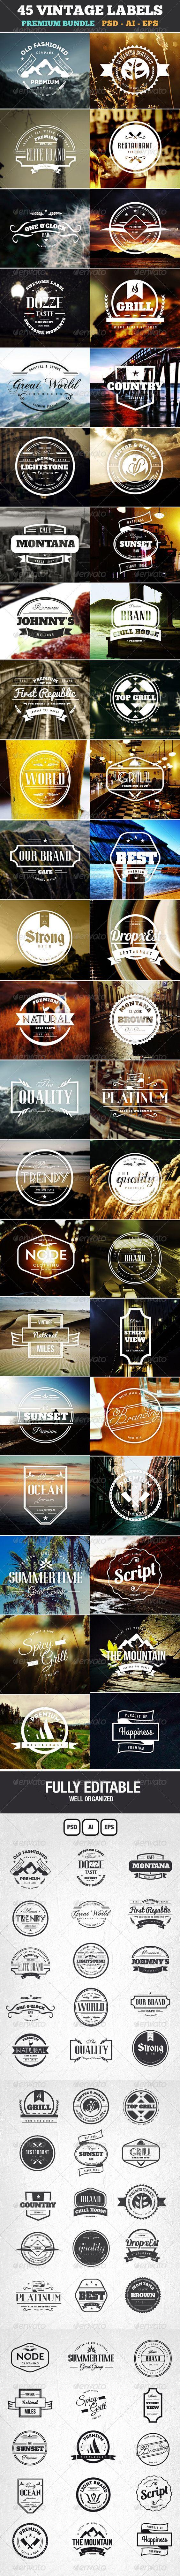 45 Vintage Labels  Badges Logos Bundle